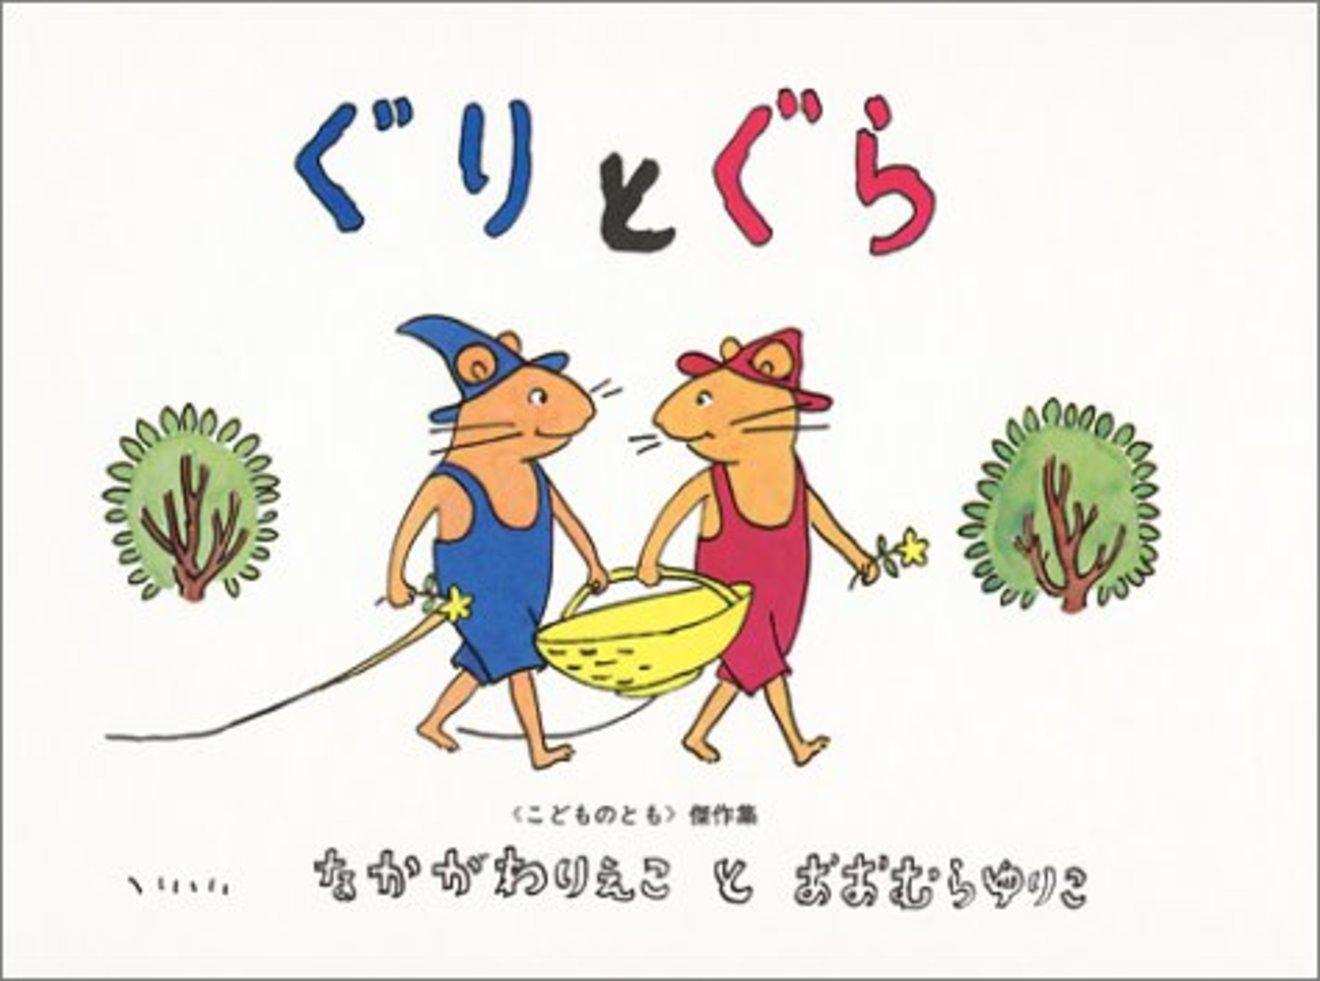 福音館書店で出版された、長年愛され続けている絵本おすすめ10選!